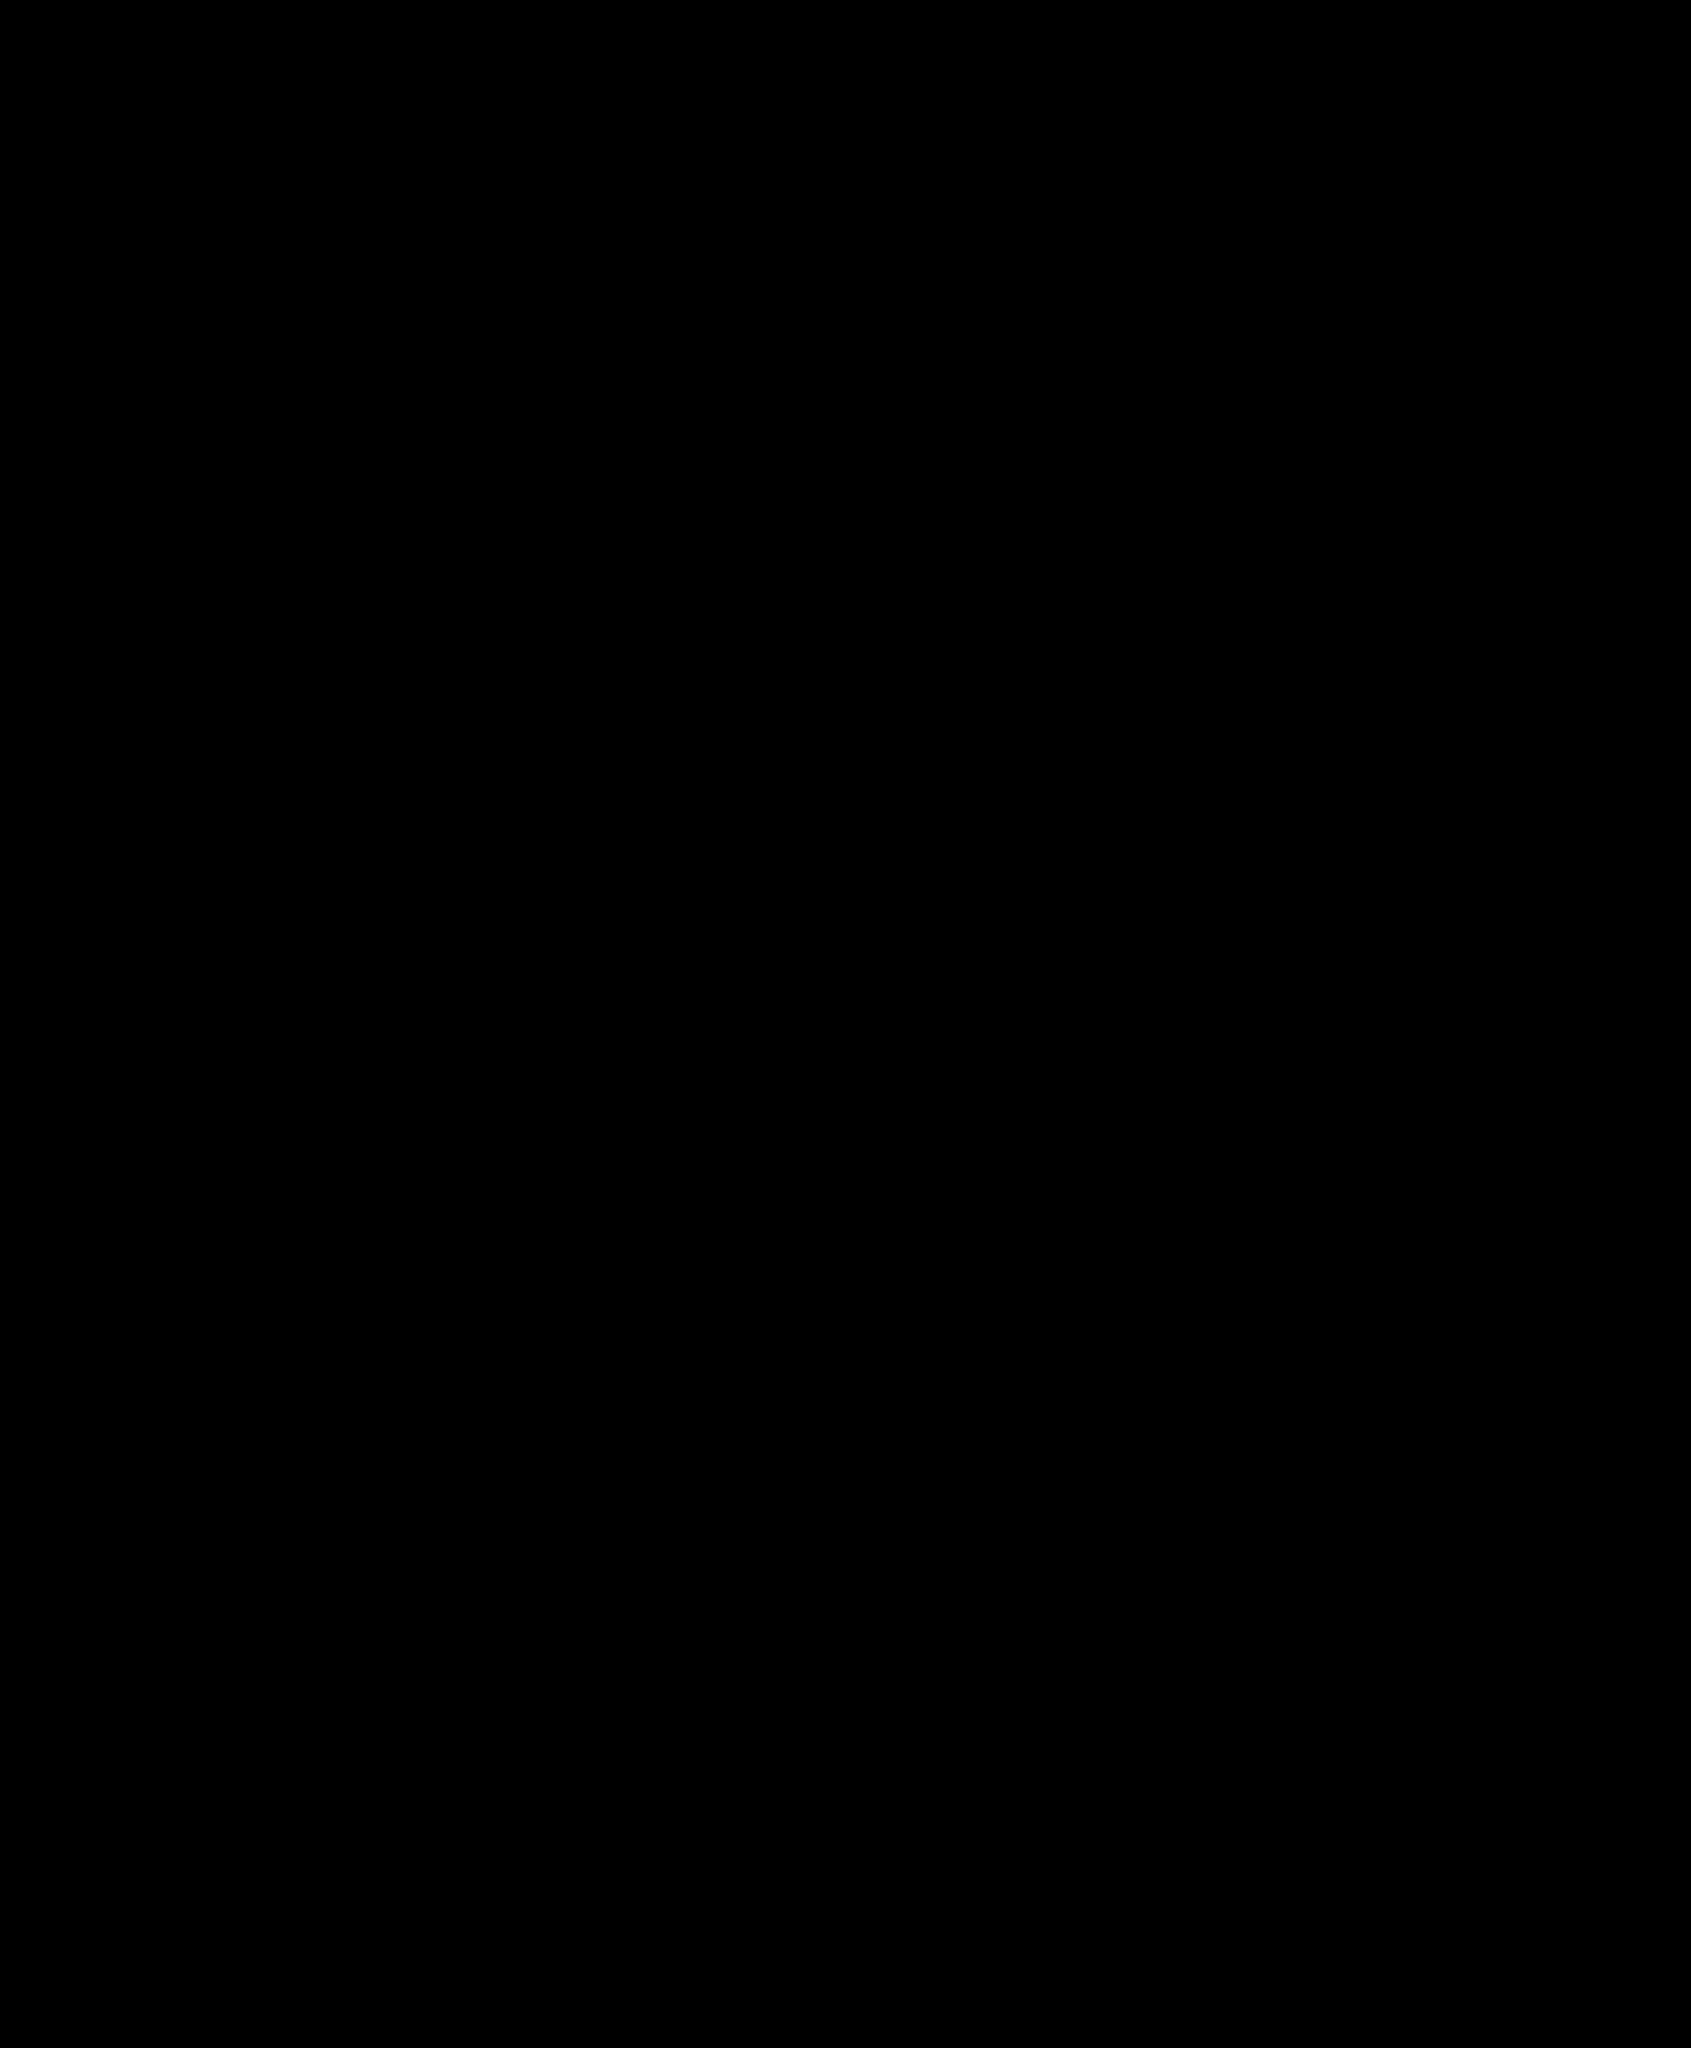 StudioPospichal